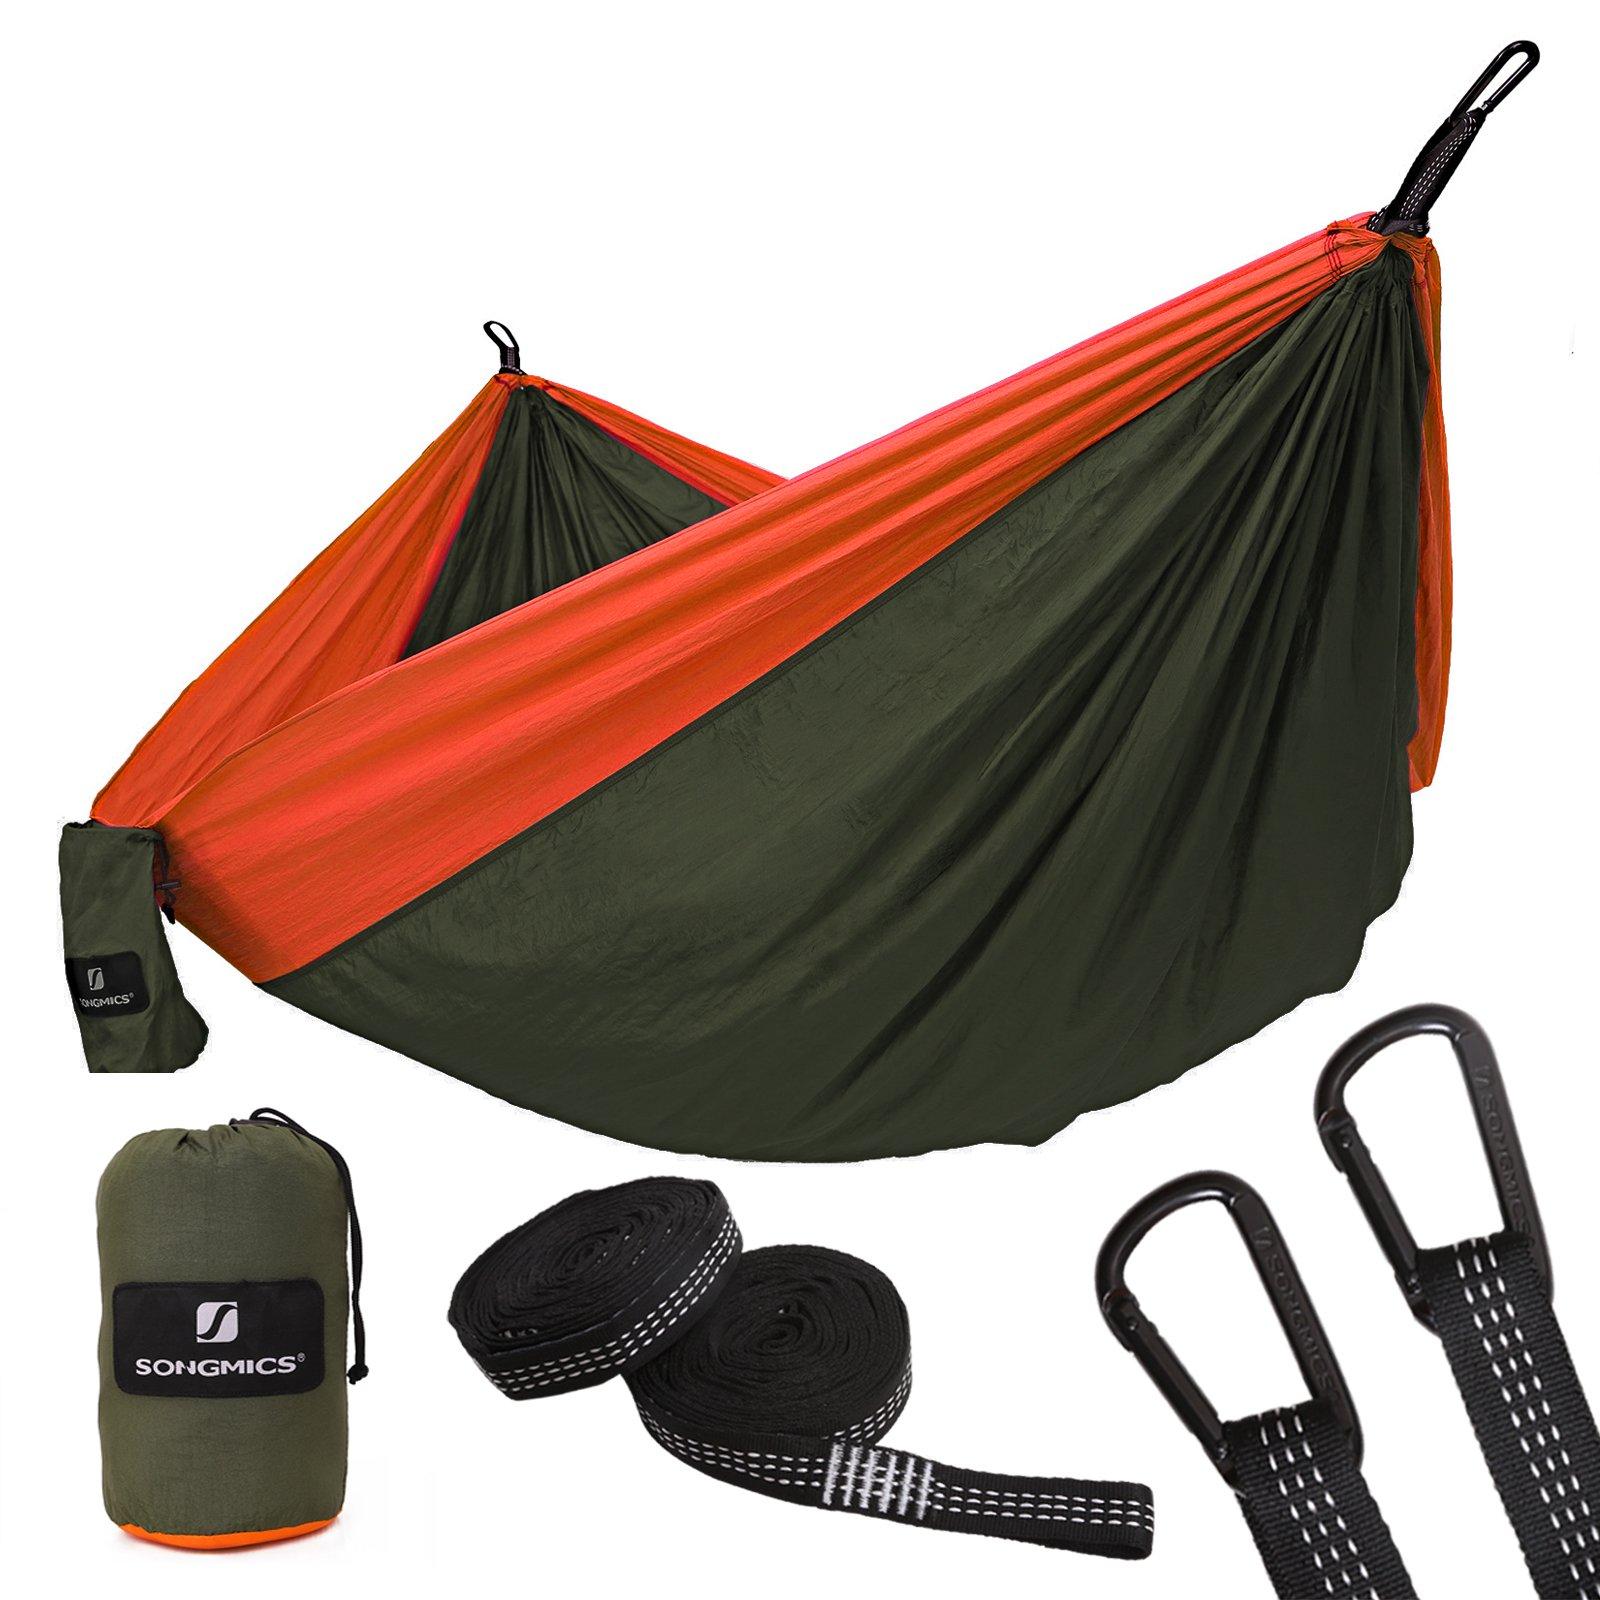 SONGMICS Hamaca Ultra Ligera para Viaje y Camping, 300kg de Capacidad de Carga, 275